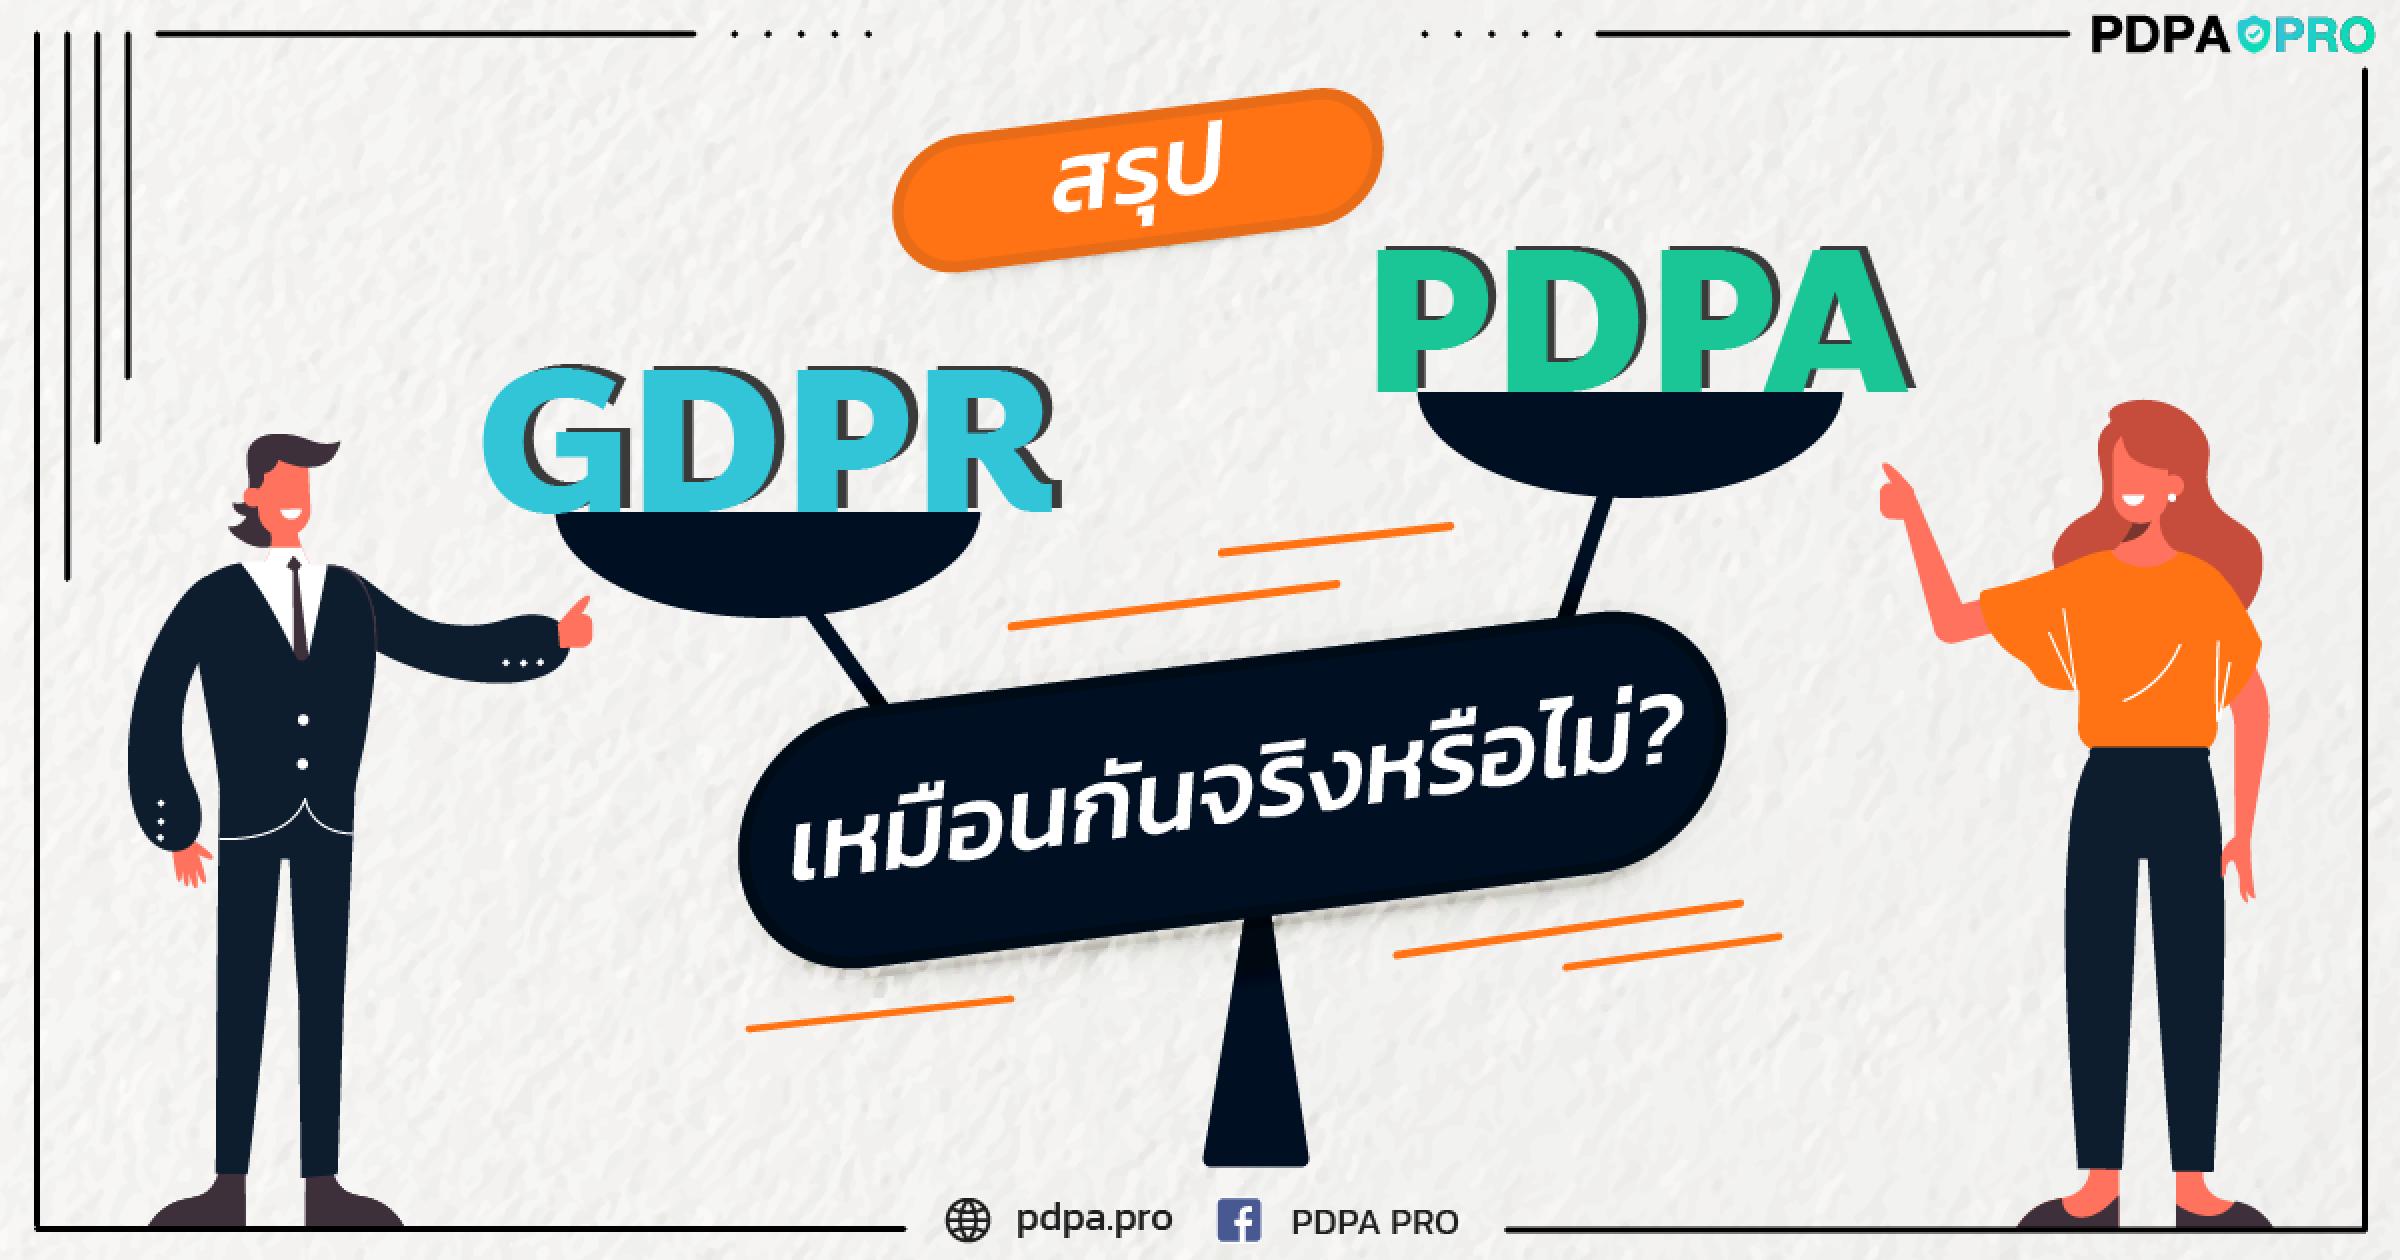 สรุป GDPR กับ PDPA เหมือนกันจริงหรือไม่?